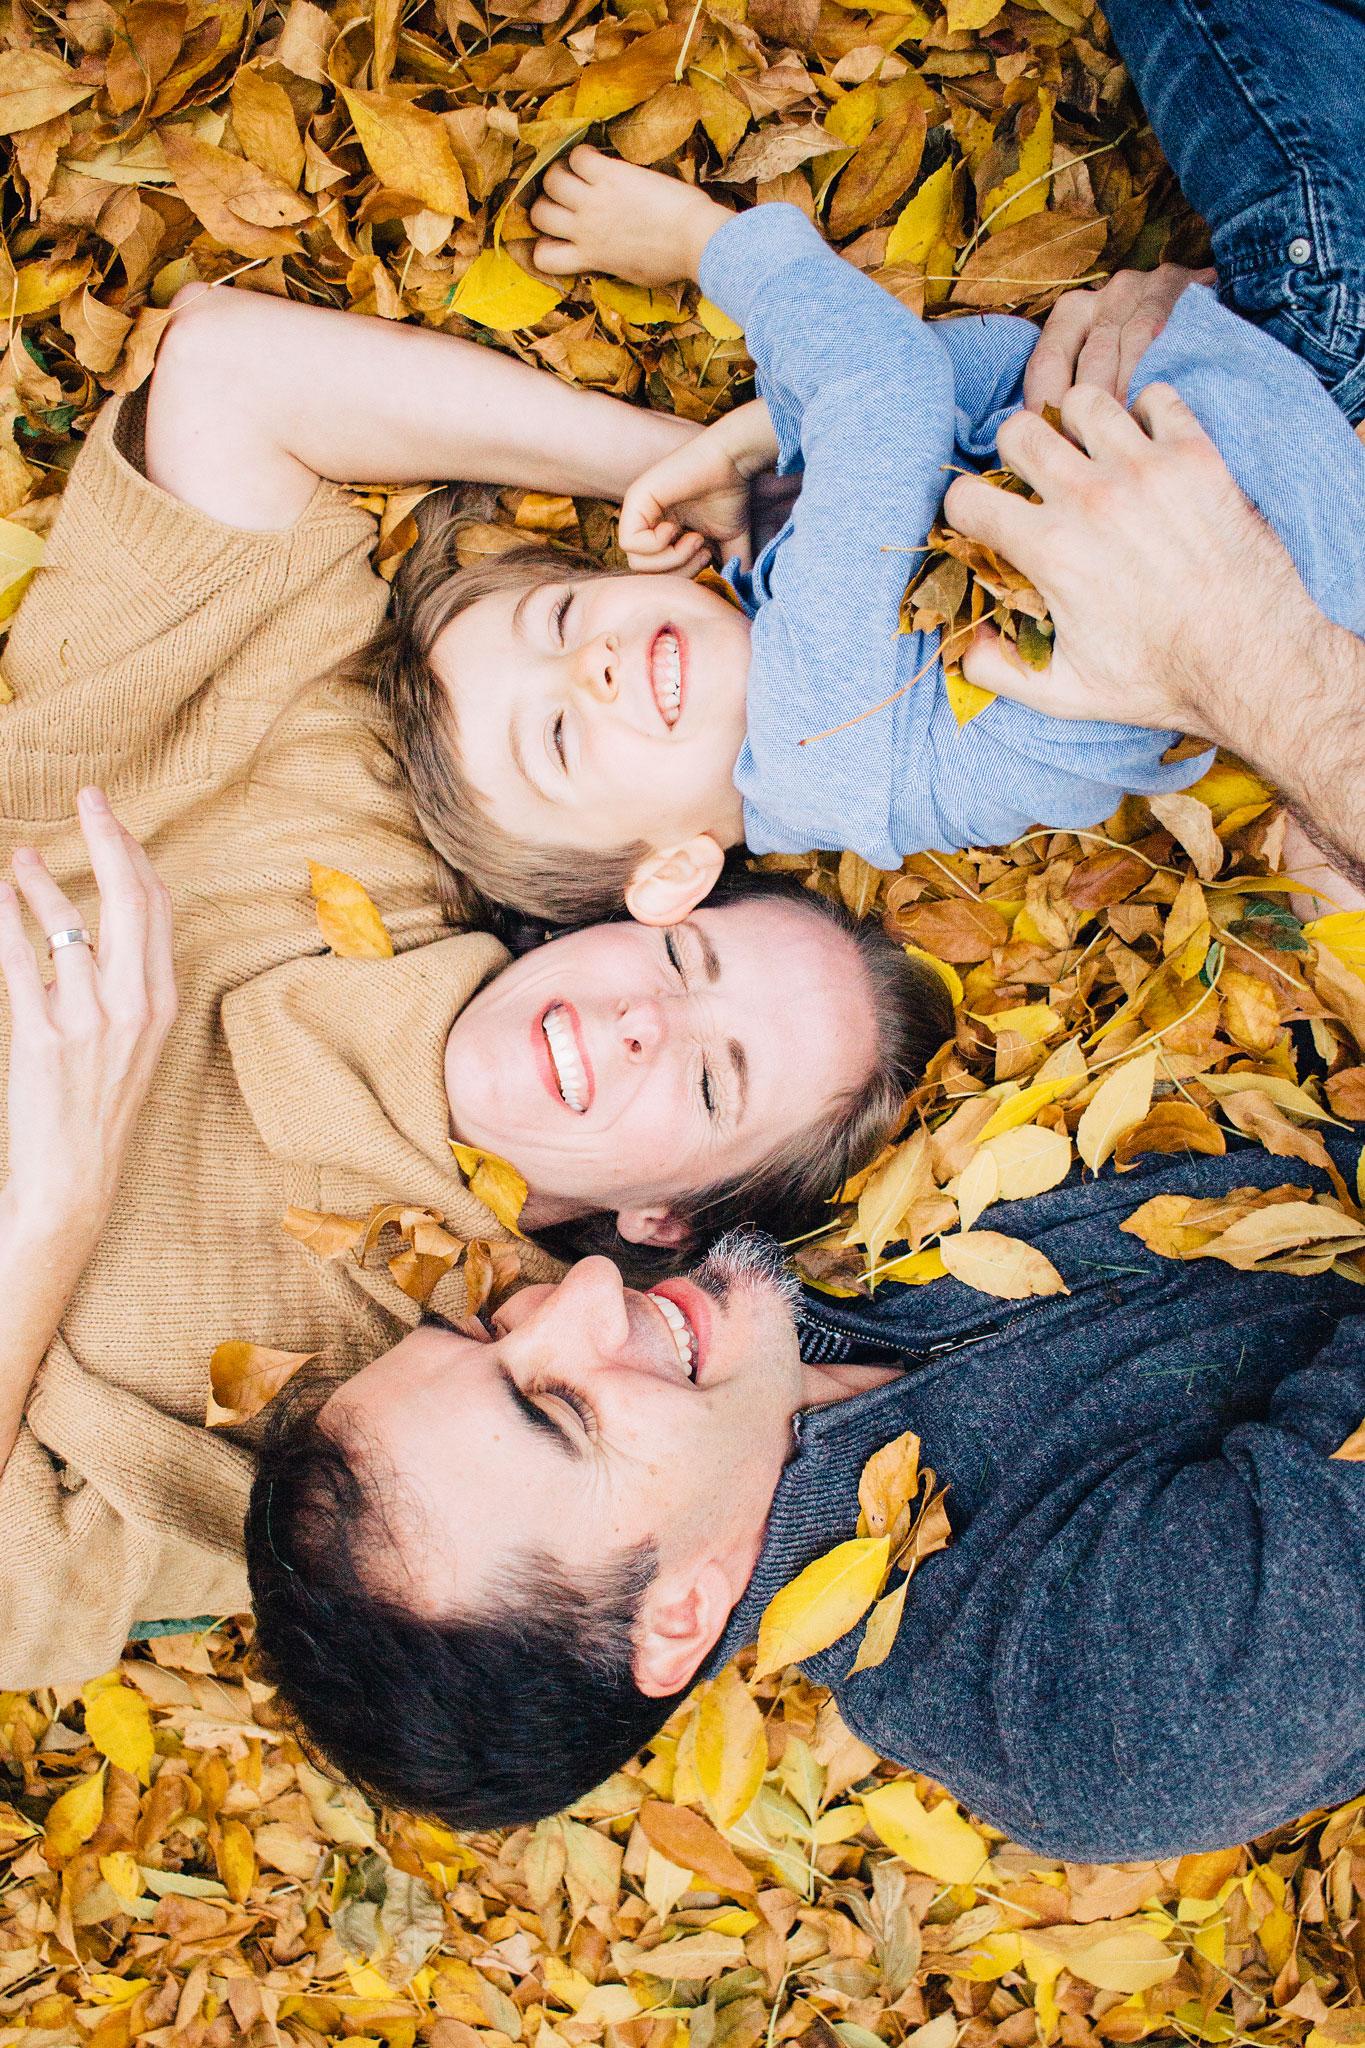 family-leaf-pile.jpg